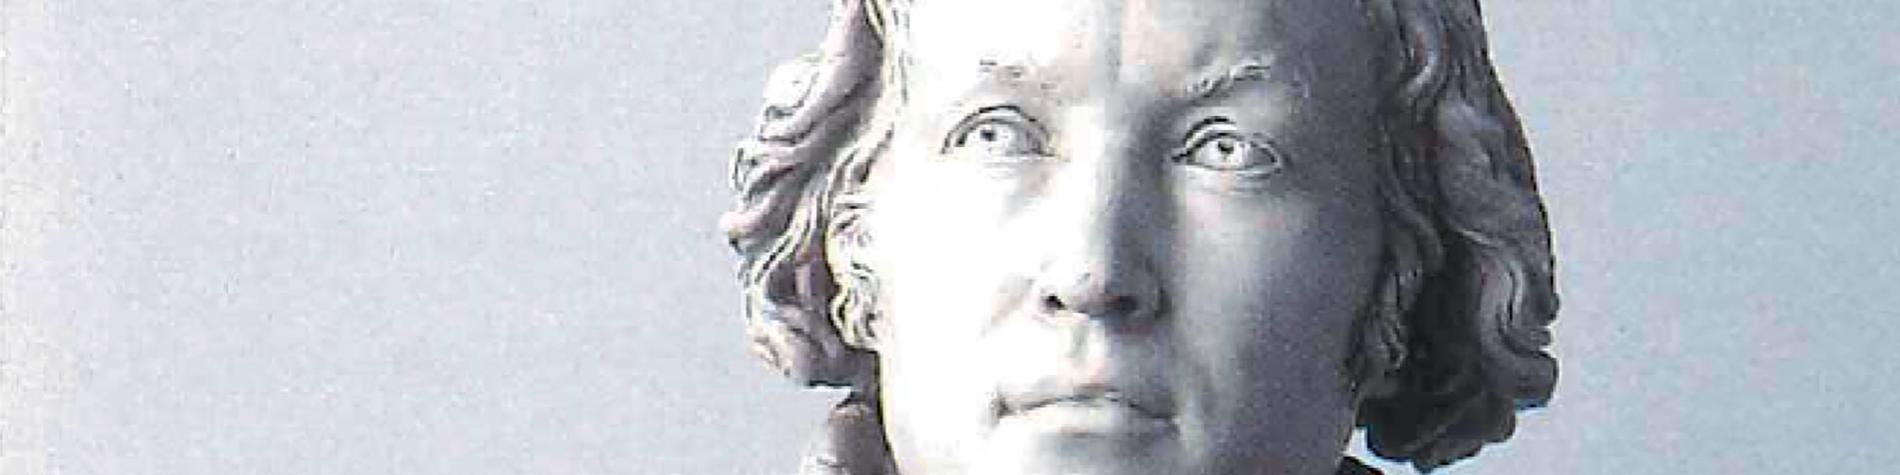 Musée - communal - Huy - Cloitre - ancien couvent - Frères mineurs - buste